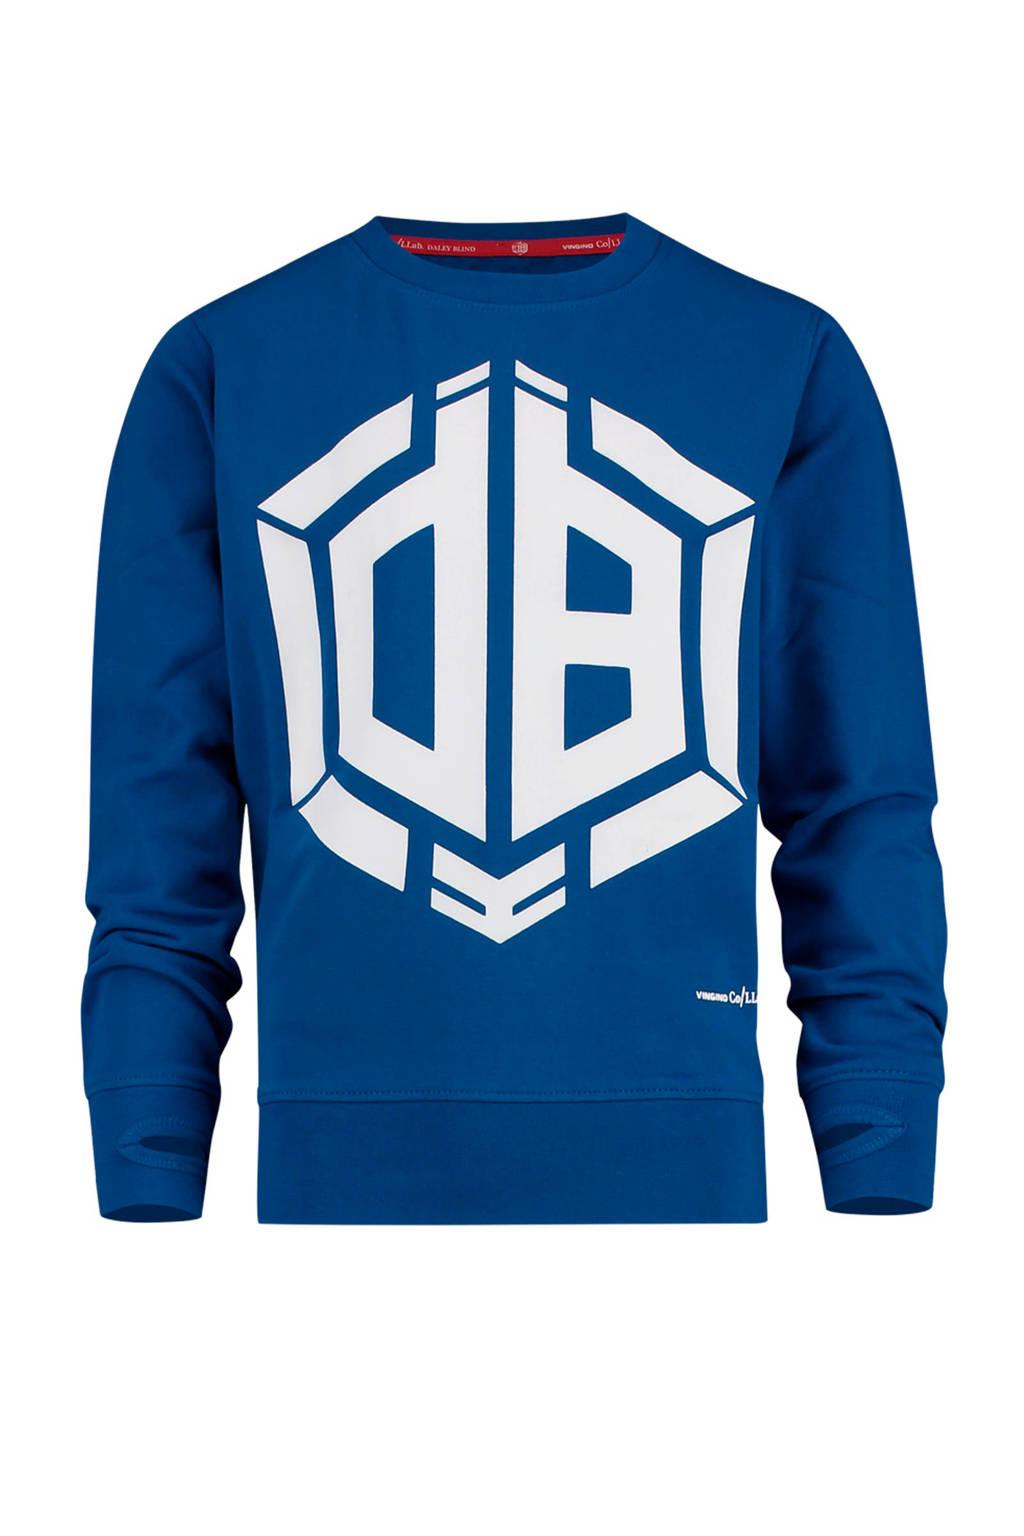 Vingino sweater Nino met logo van Daley Blind blauw, Blauw